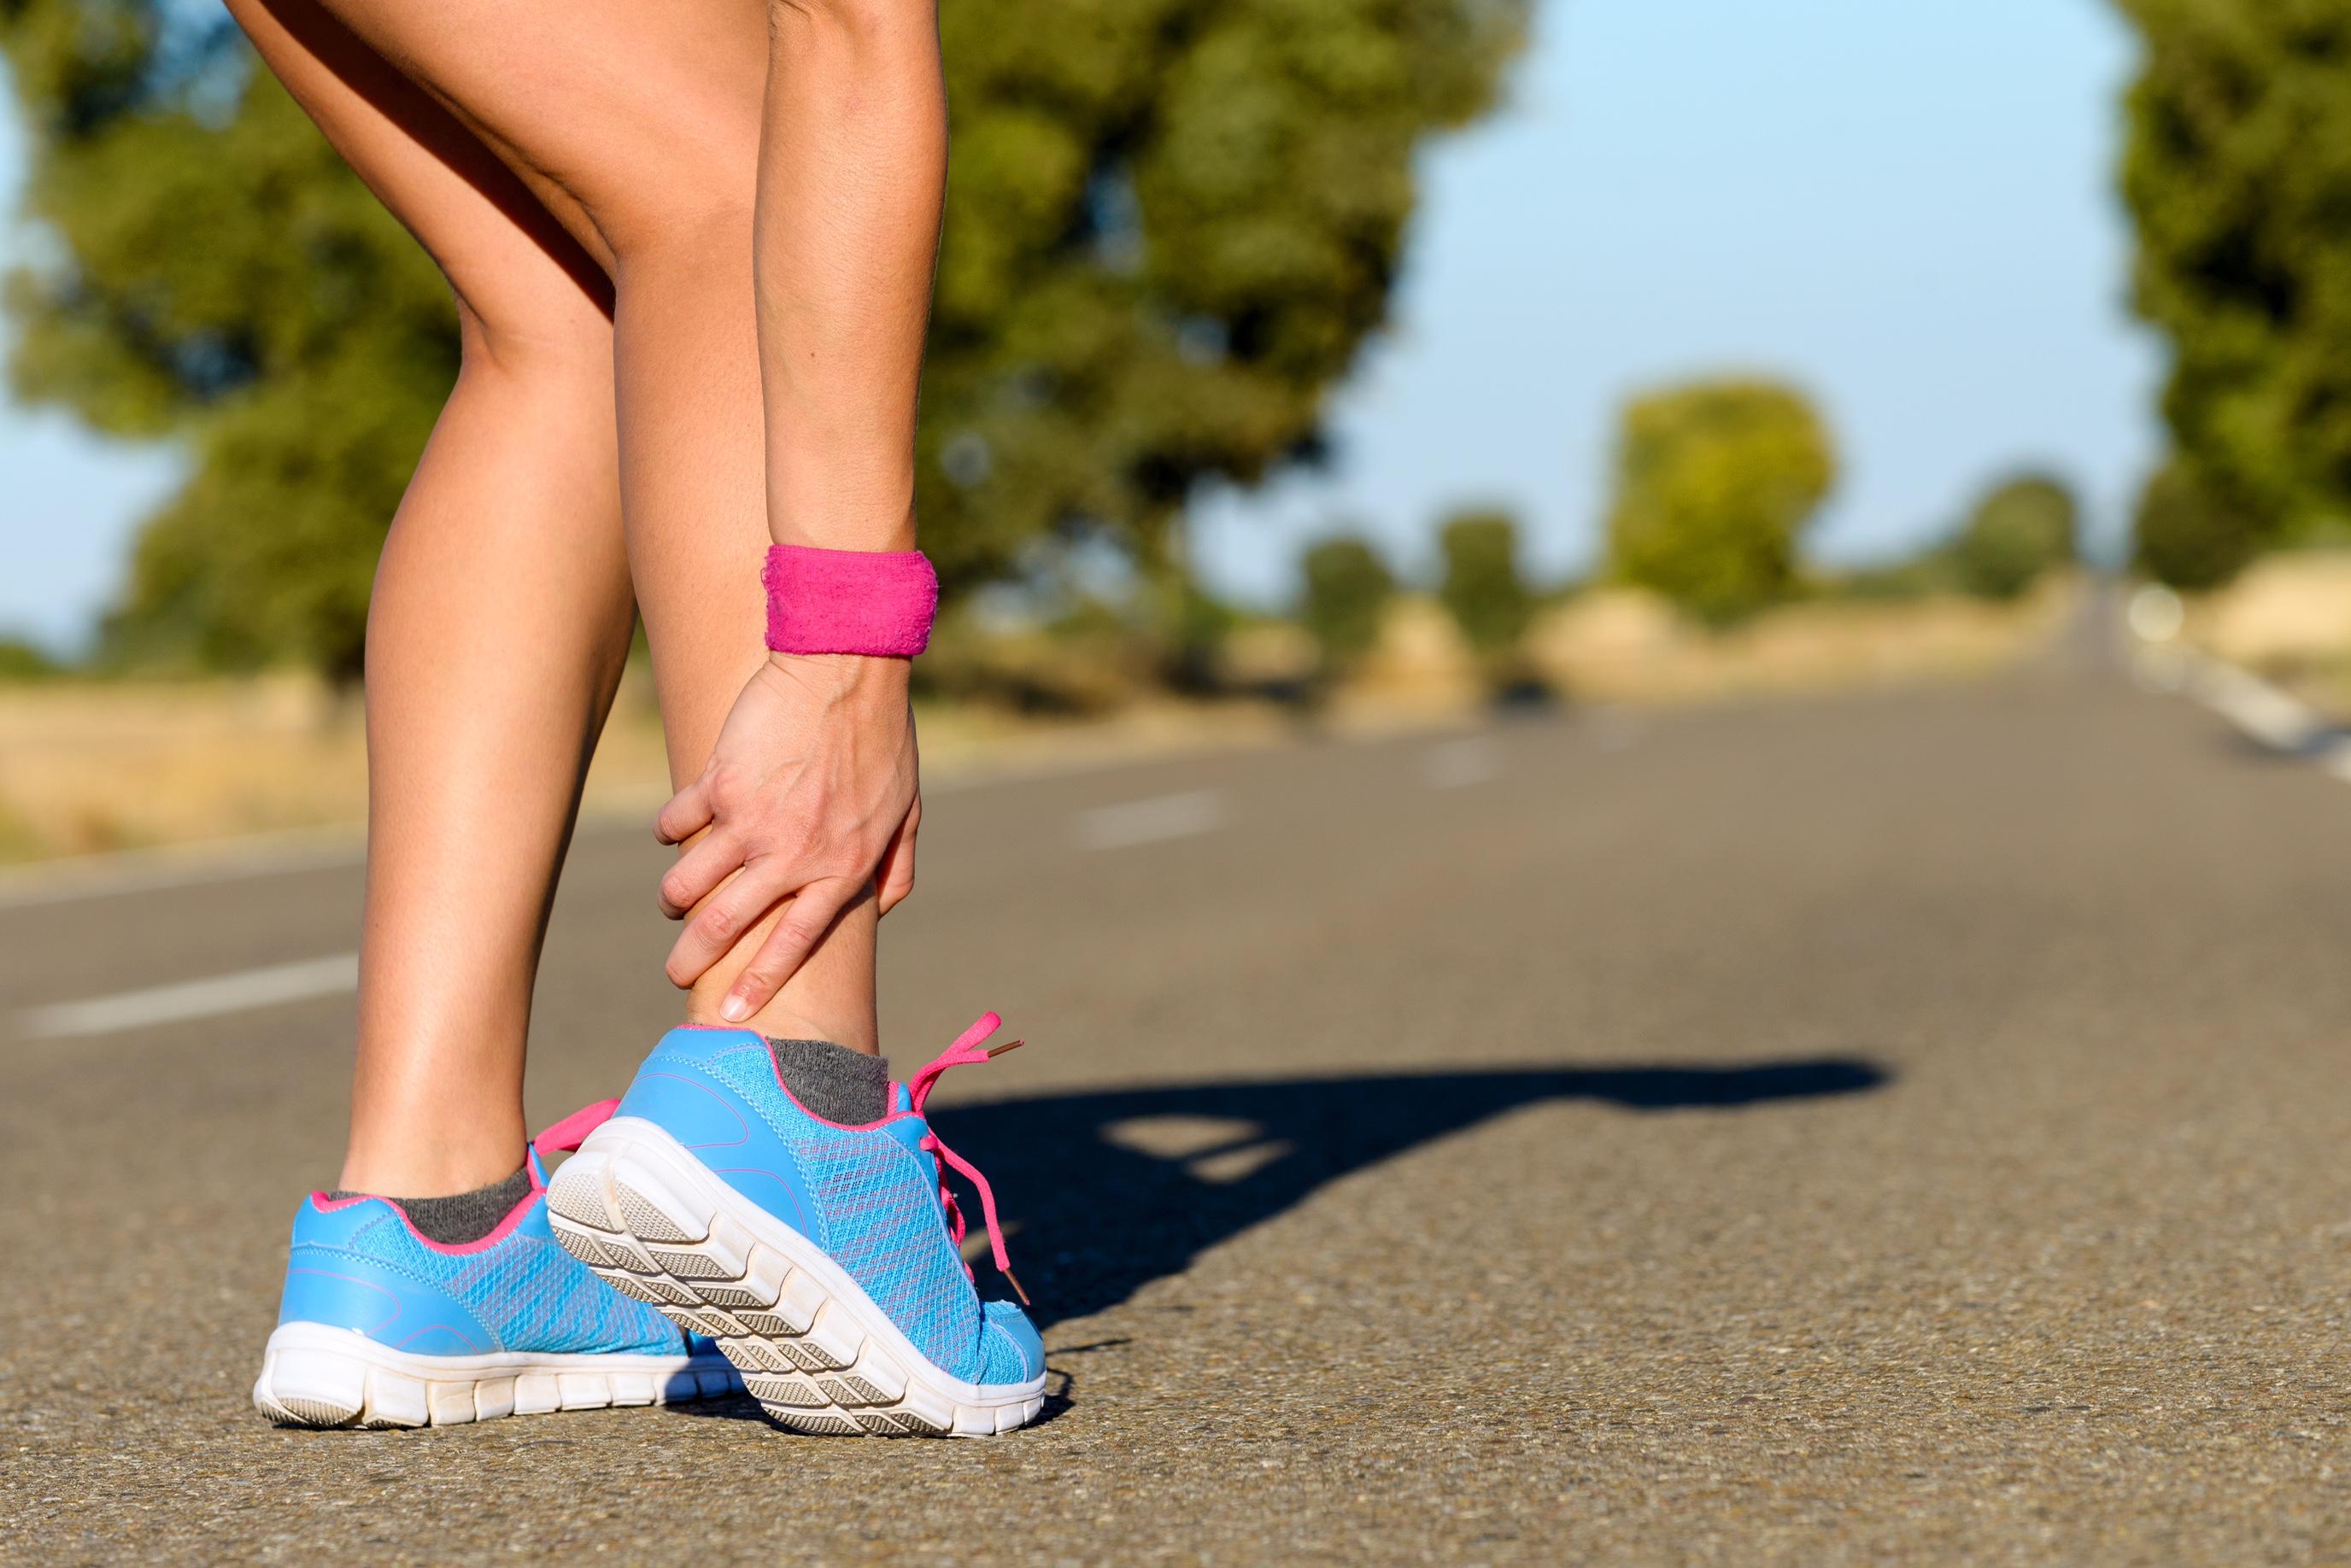 Female runner with leg pain